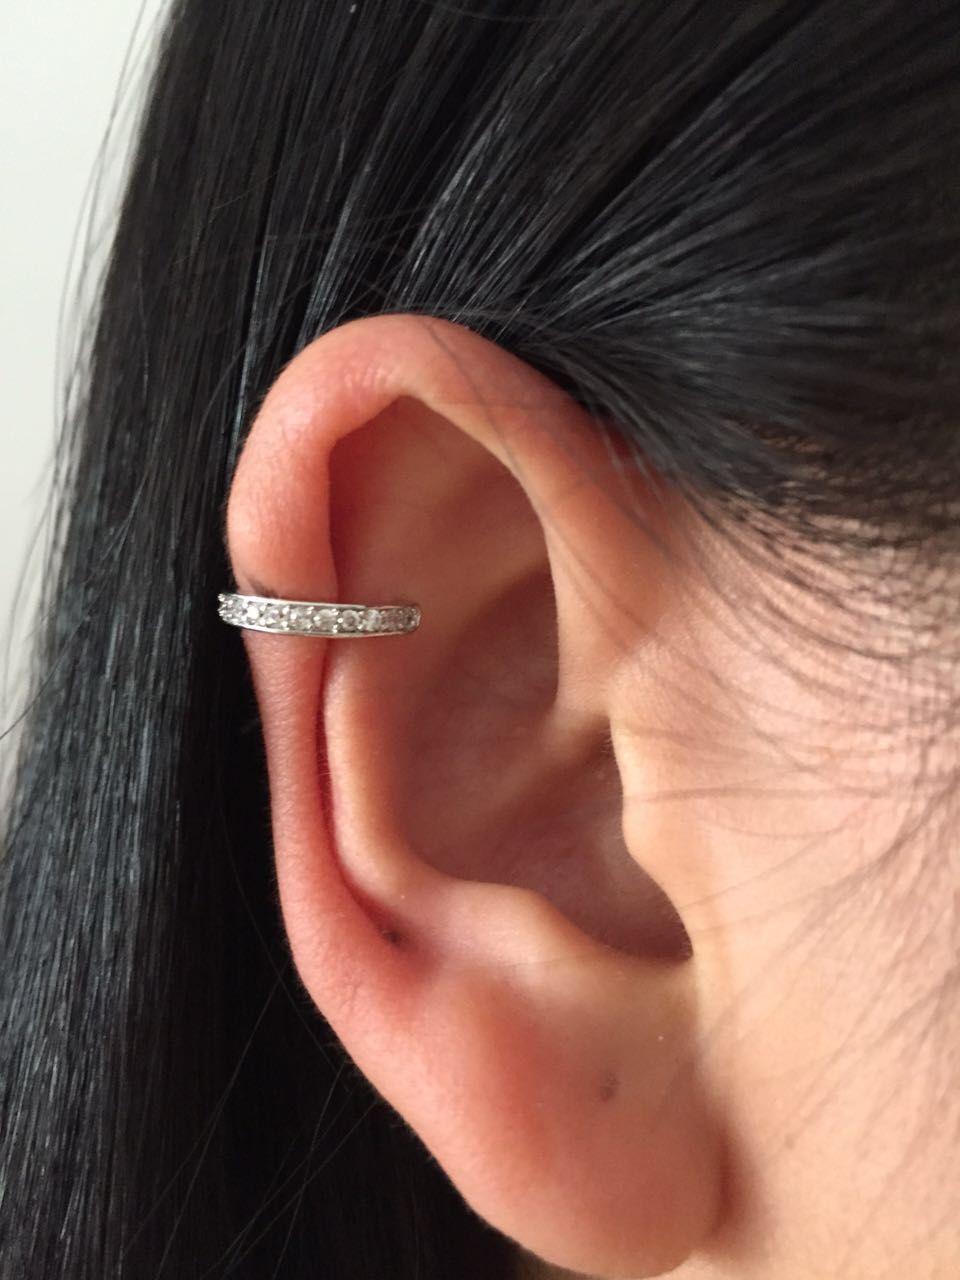 Brinco Oreille Manchette D'oreille Clip Boucles D'oreilles Zircone Bijoux Dans Un oreille Pour Femmes Mode Earing Bijoux Oreille Droite Seule Dame accessoires